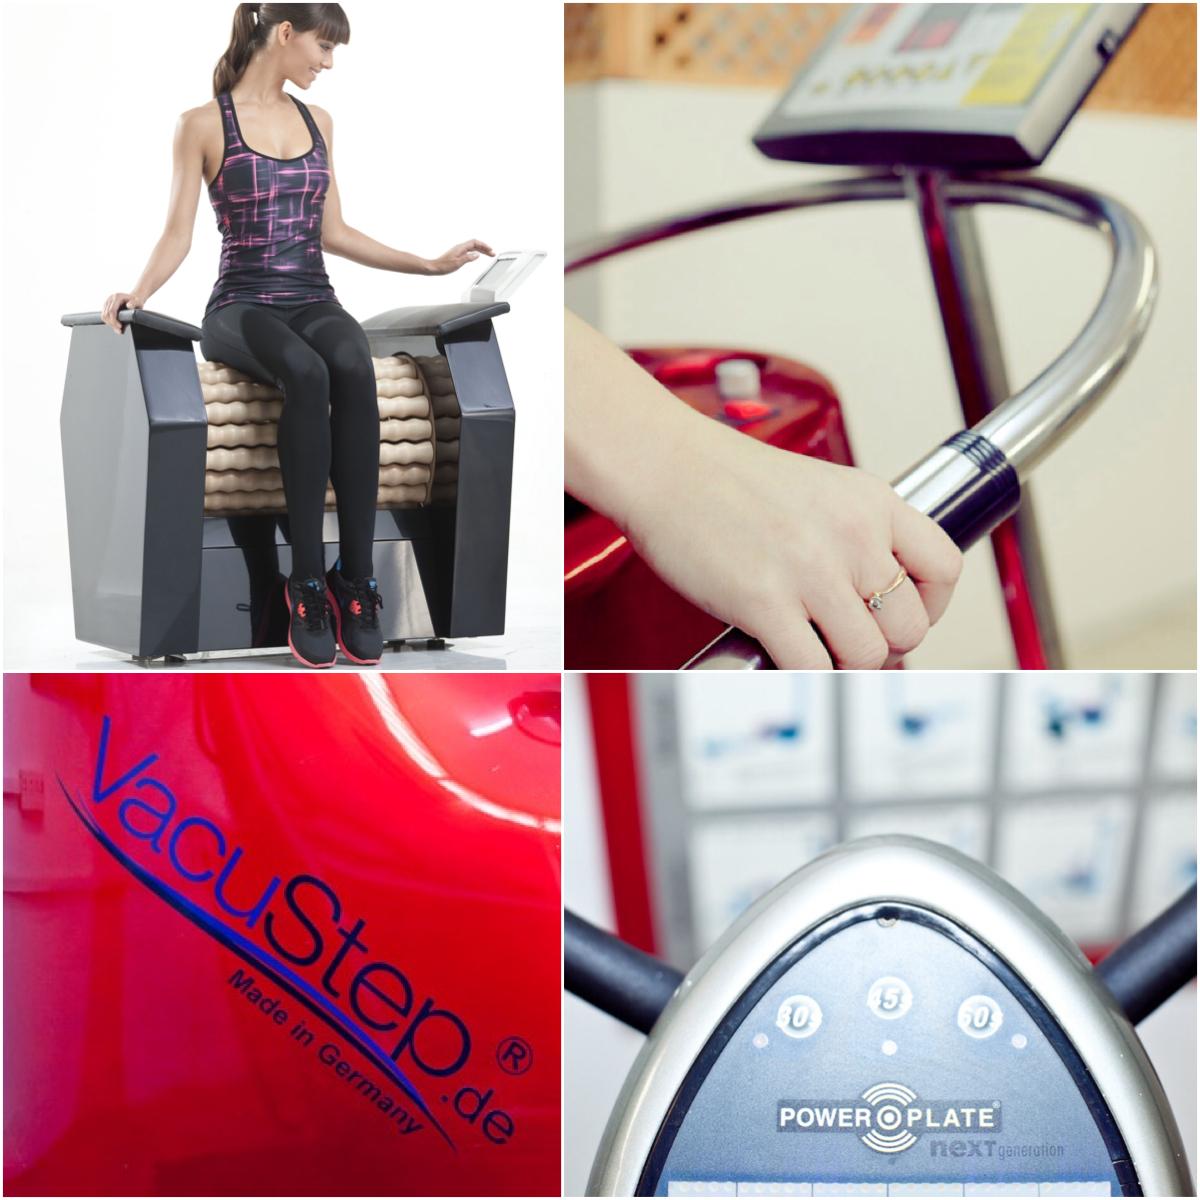 Формула красоты и здоровья от лаборатории эффективного похудения Re-feel